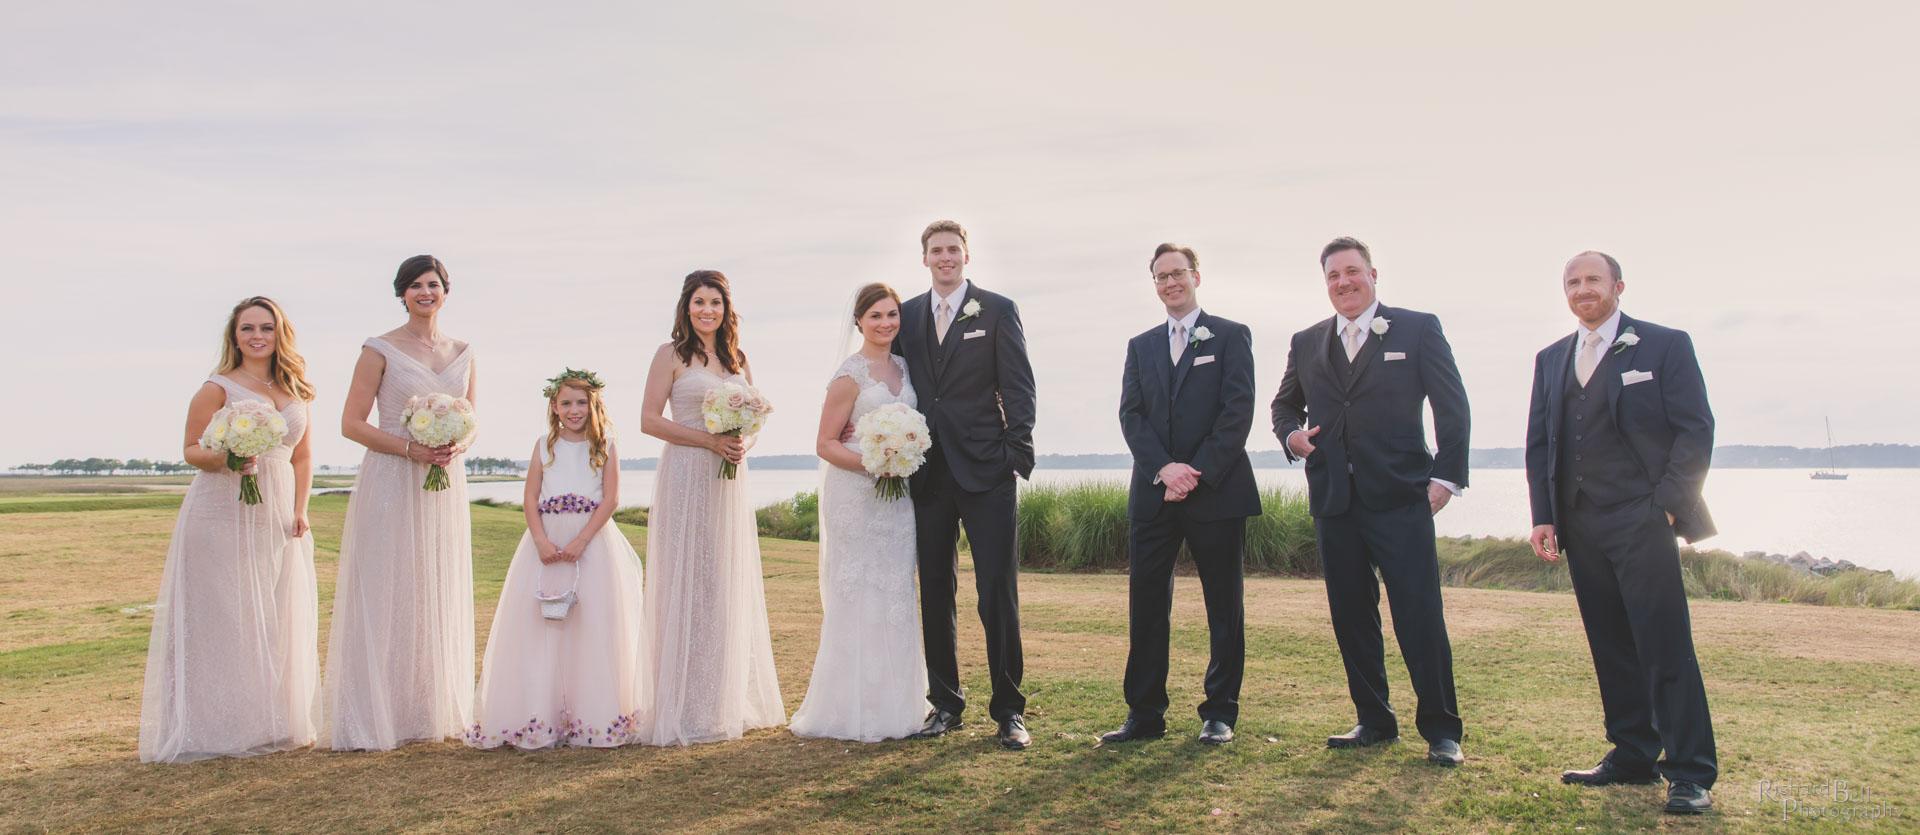 Carter Wedding Party